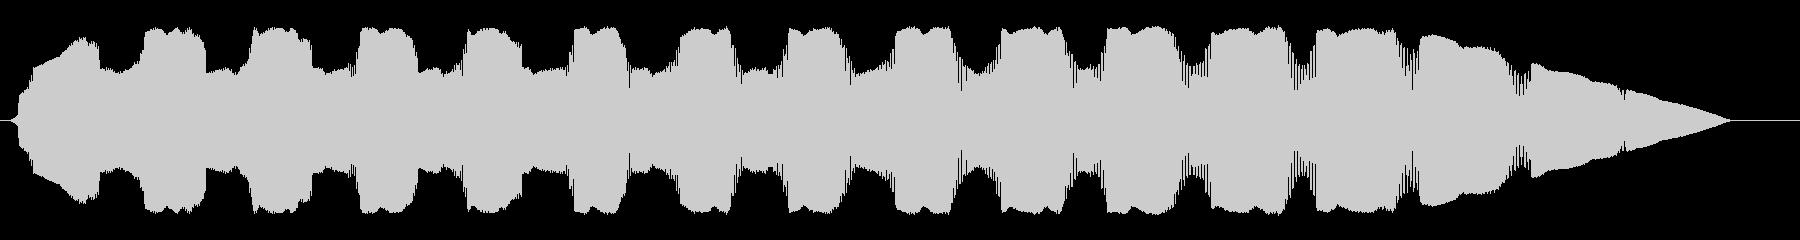 ピロロロ・・・(UFOの飛行音)の未再生の波形